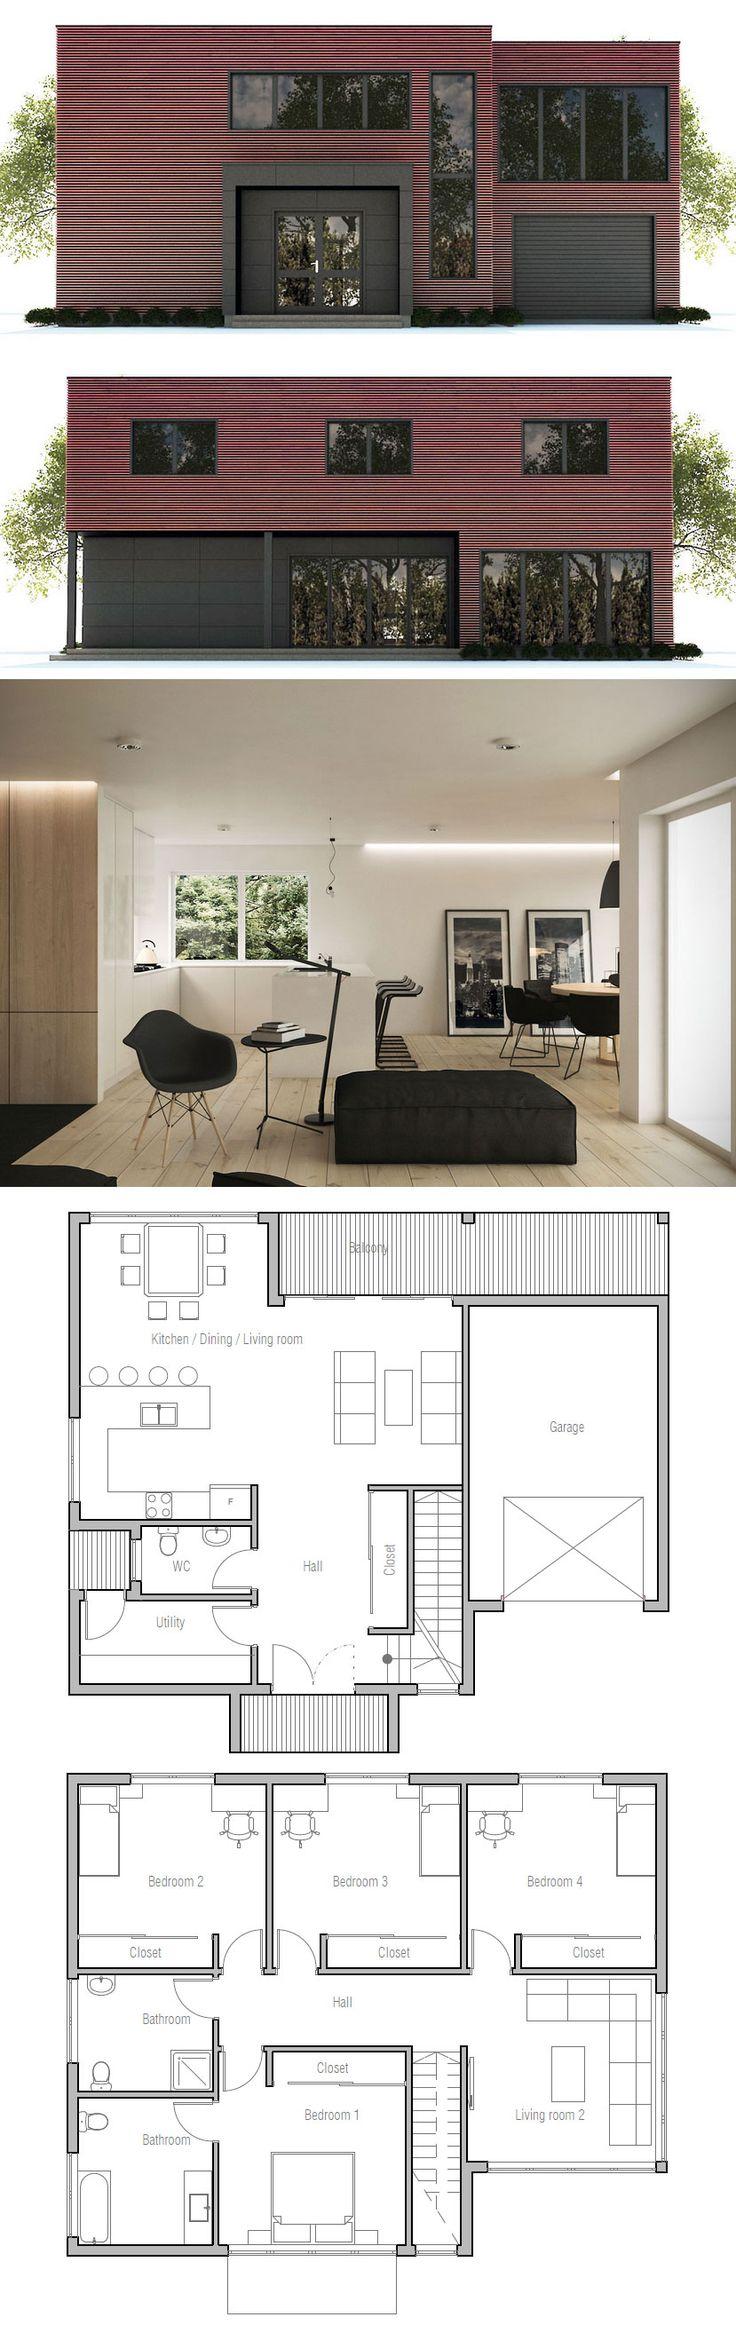 Une #maison #originale et #contemporaine  http://www.m-habitat.fr/plans-types-de-maisons/plans-de-maisons/le-plan-de-construction-d-une-maison-2483_A